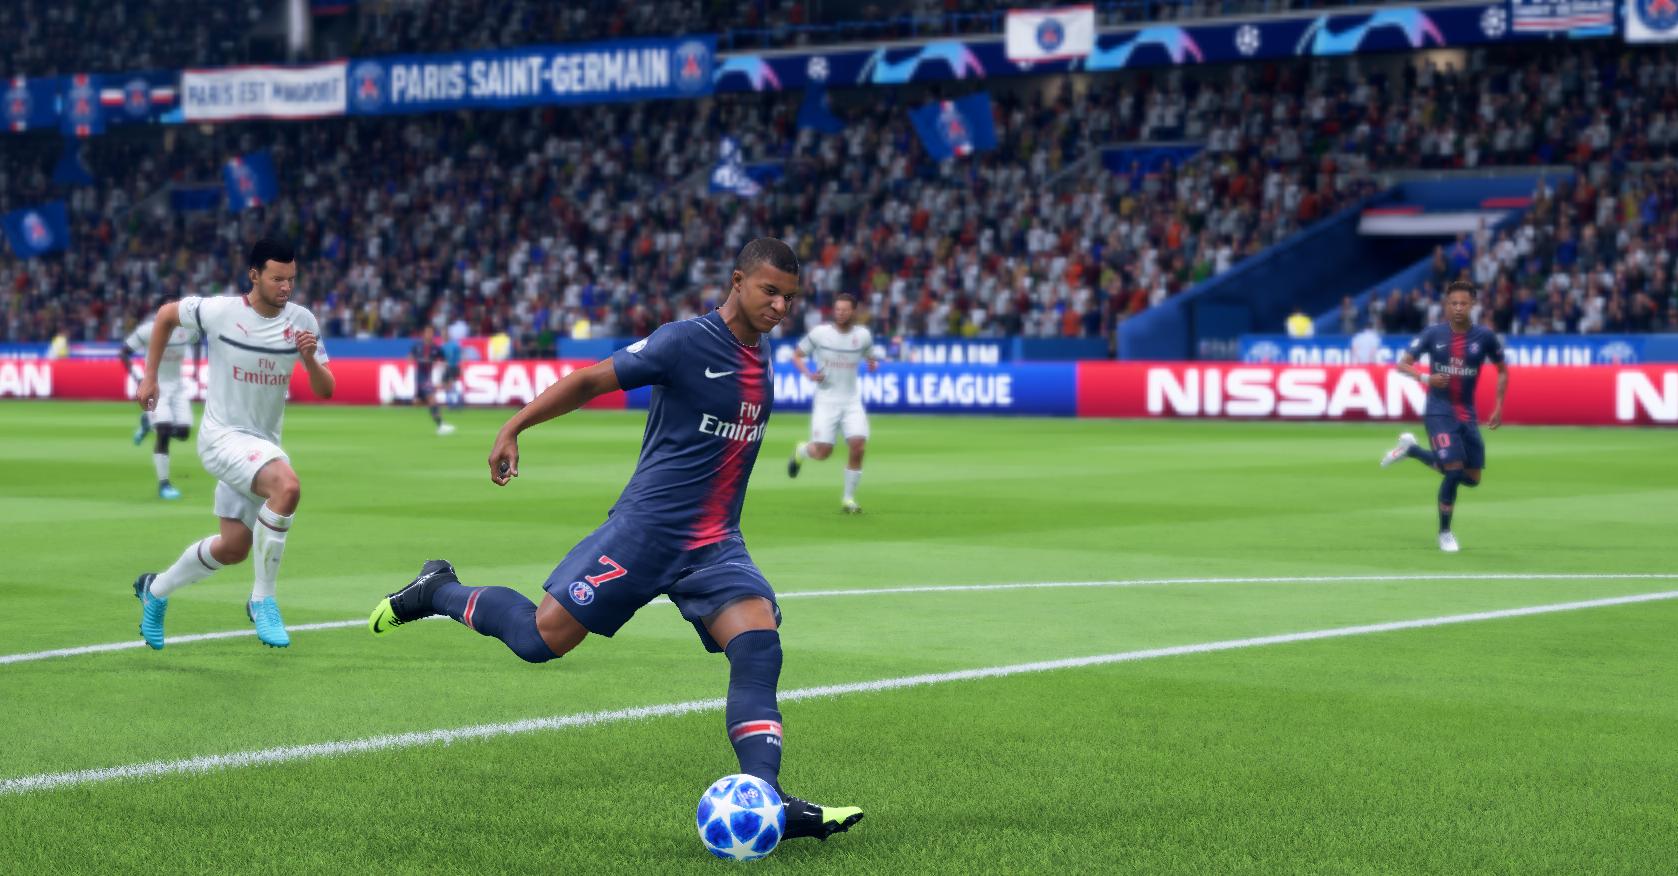 EA Sports publicó el TOTW 19 para Ultimate Team y se encuentran tres cracks de LaLiga